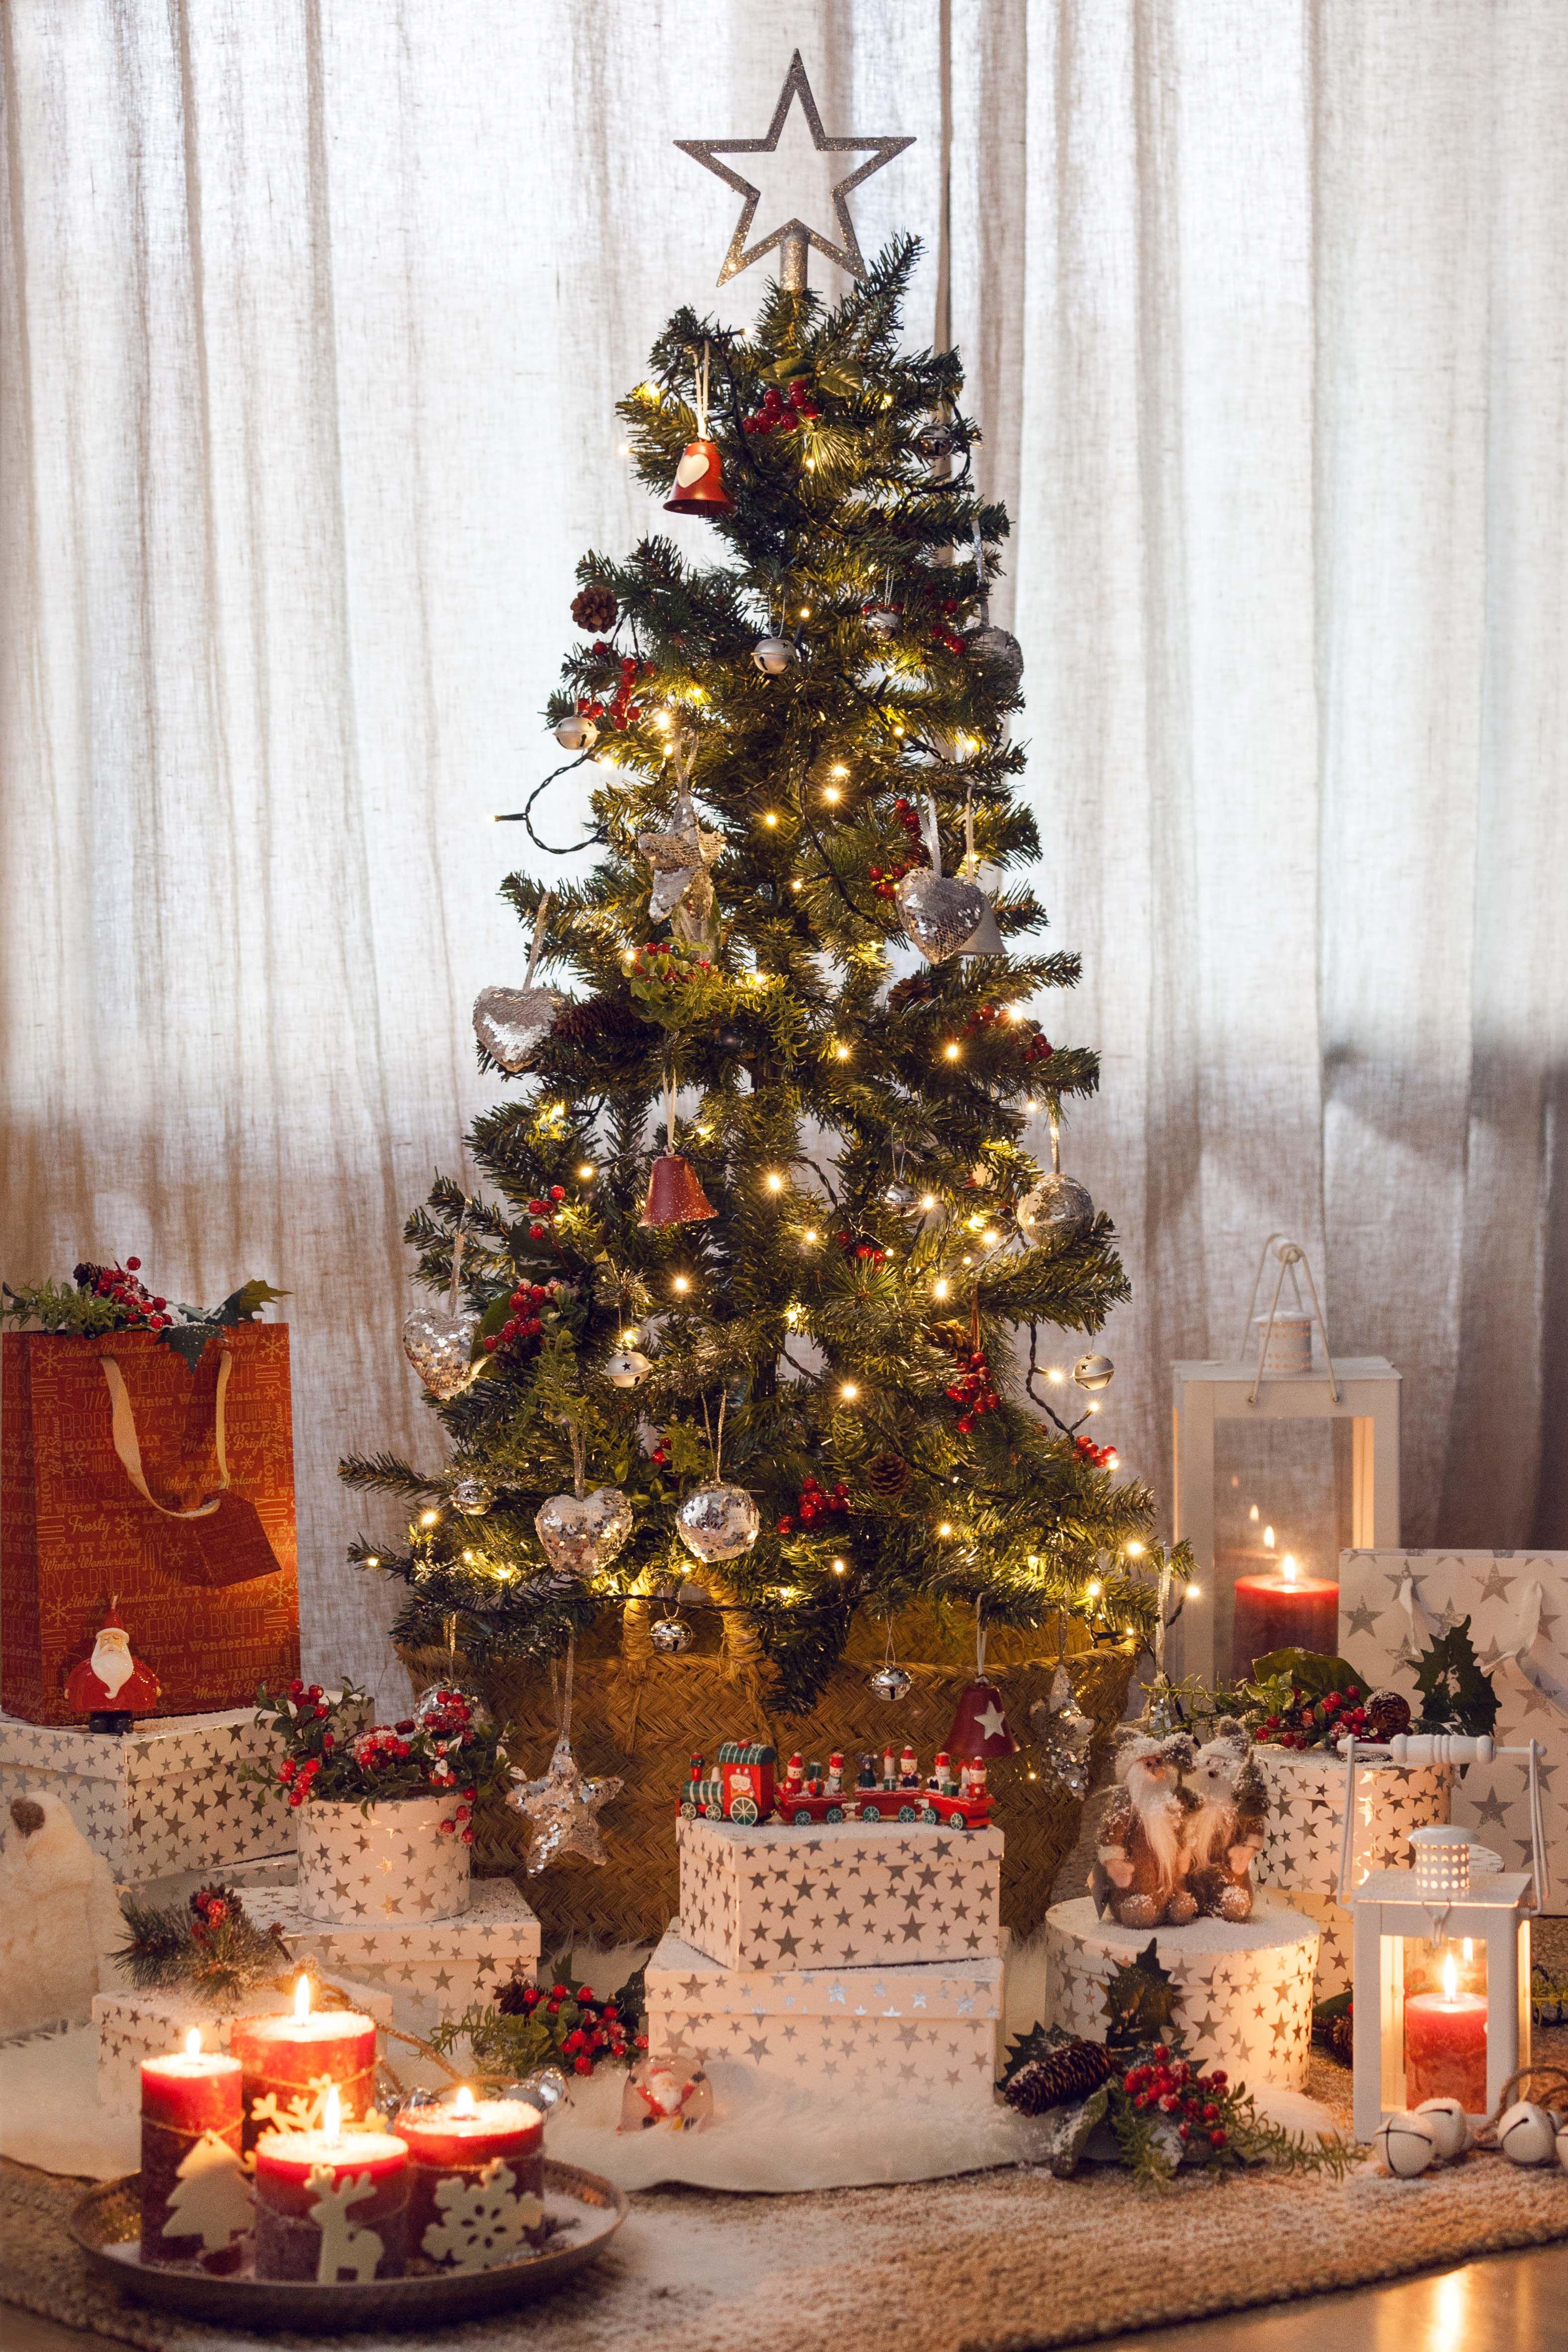 Rbol de navidad y decoraci n de muy mucho en colores rojo - Decoracion arbol de navidad blanco ...